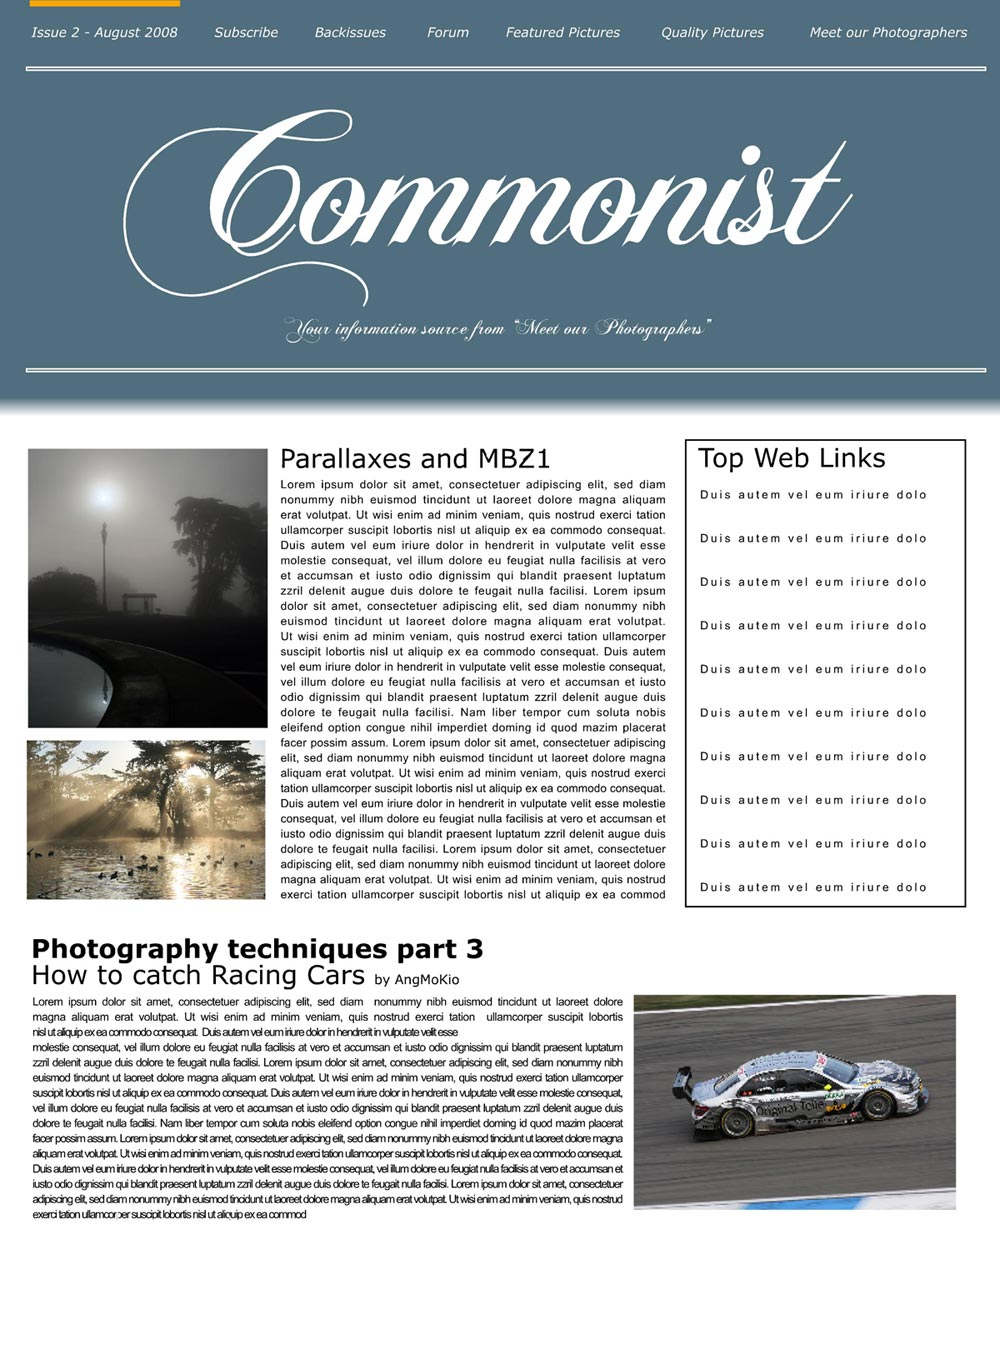 Commonist test.jpg